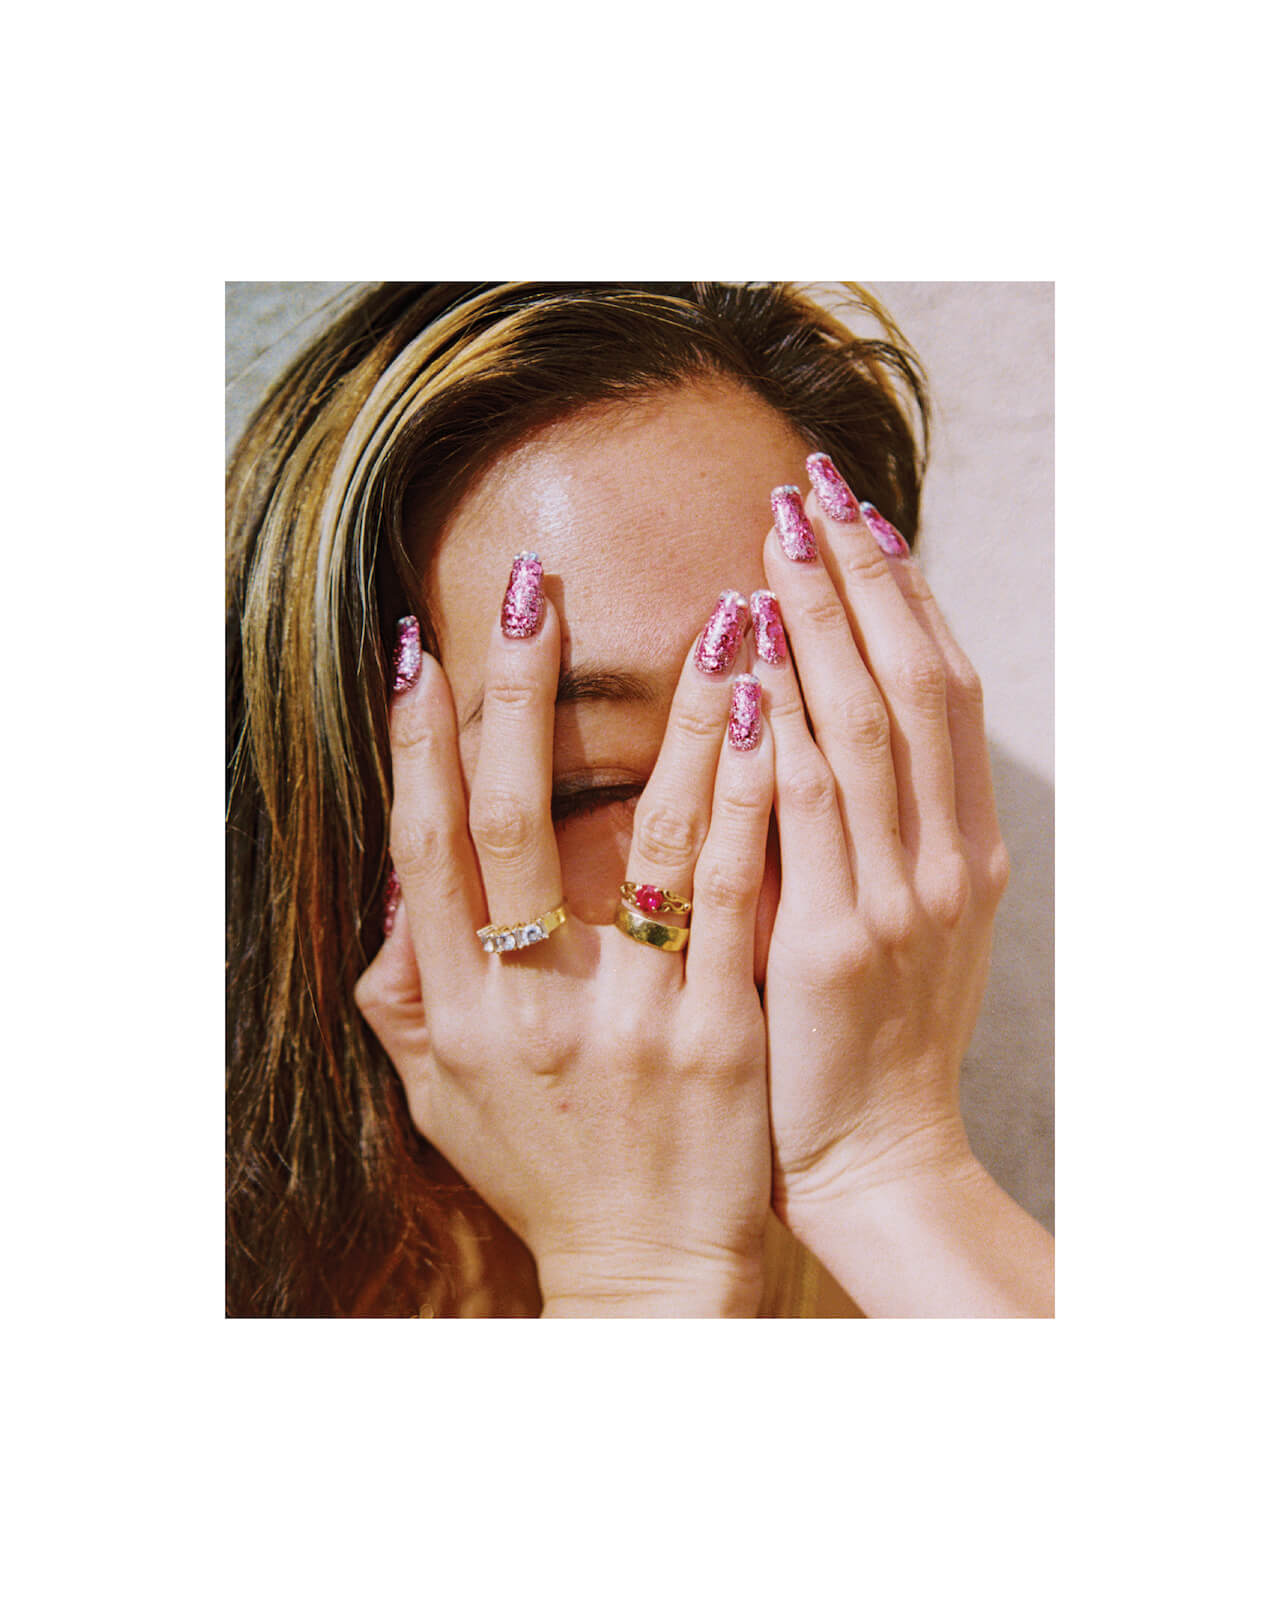 消費者に社会問題を投げかけるジュエリーブランド「Mr.Saturday」がローンチ life-fashion200330-mrsaturday-7-1